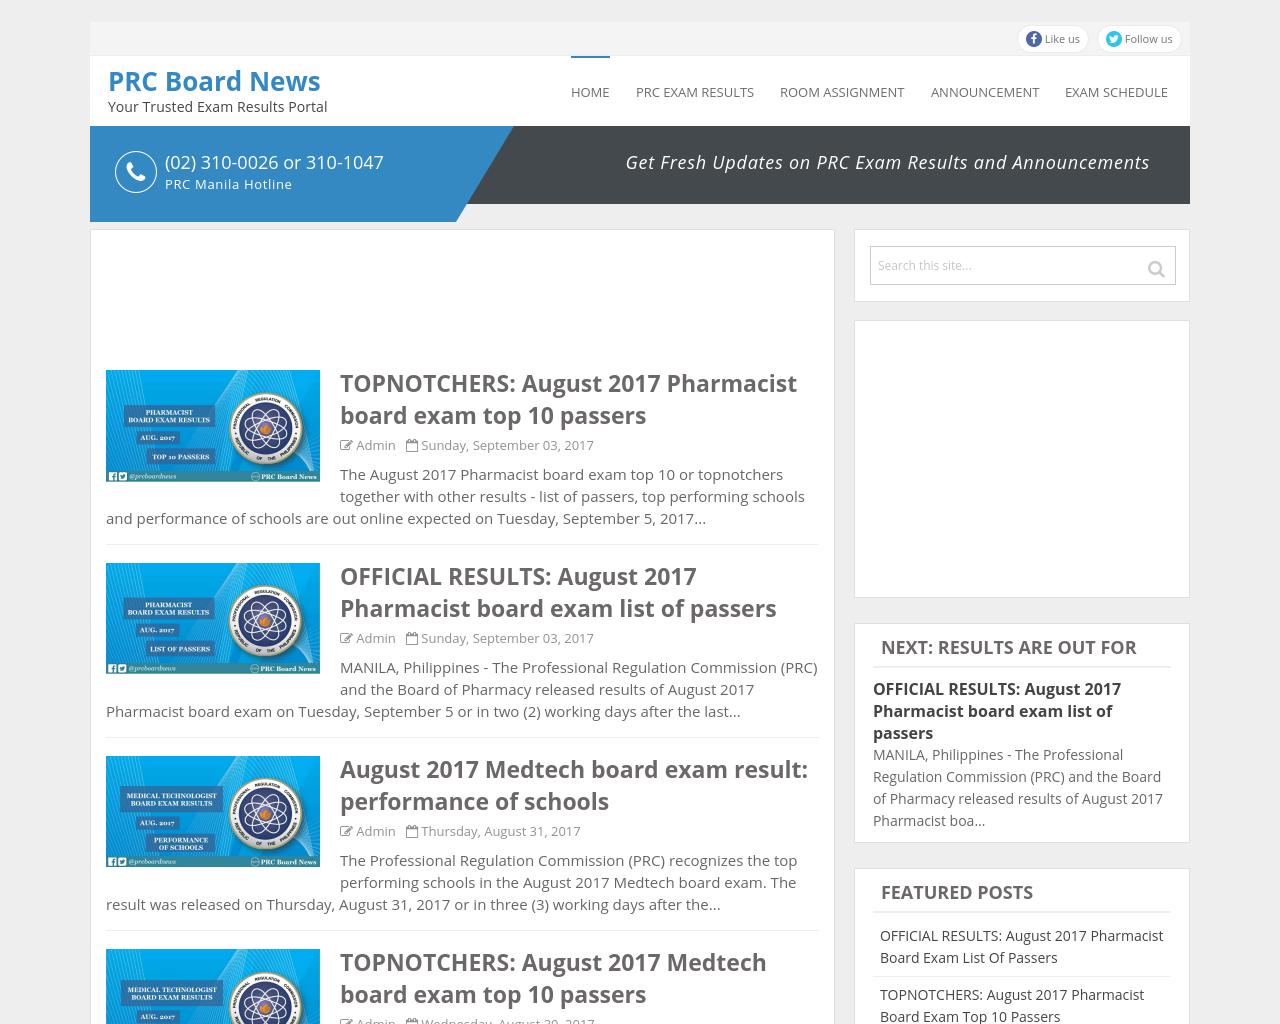 prcboardnews-Advertising-Reviews-Pricing